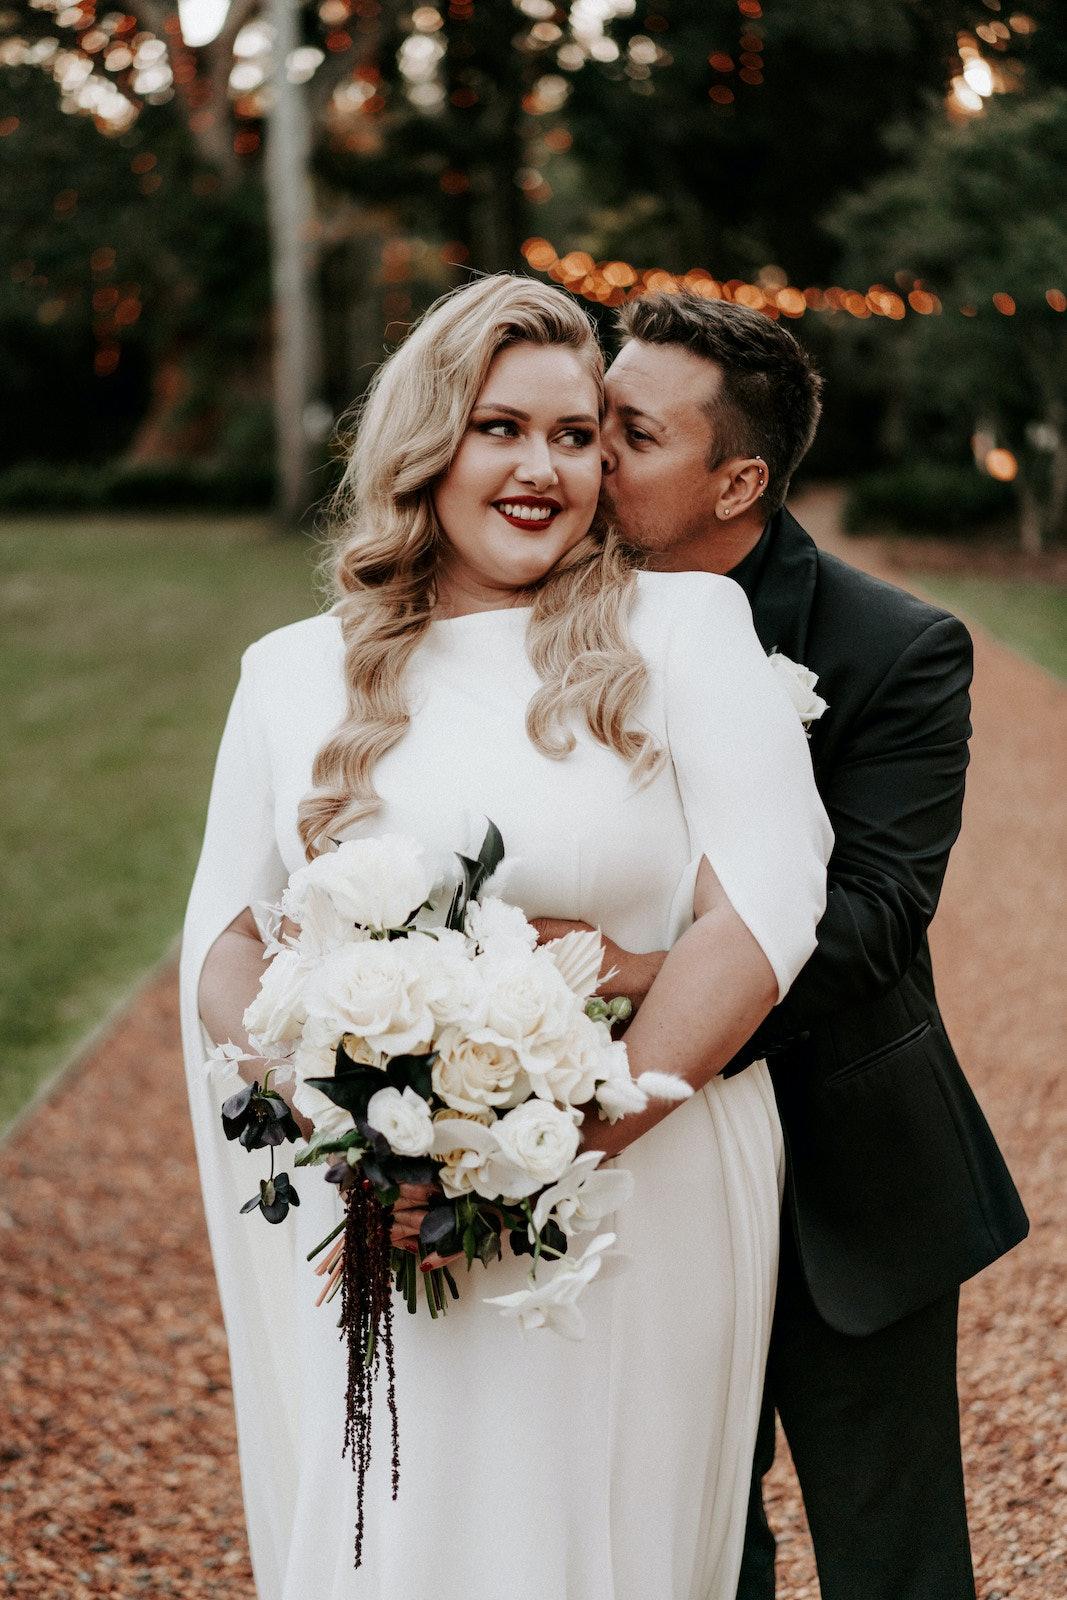 Groom standing behind bride kissing her on the cheek